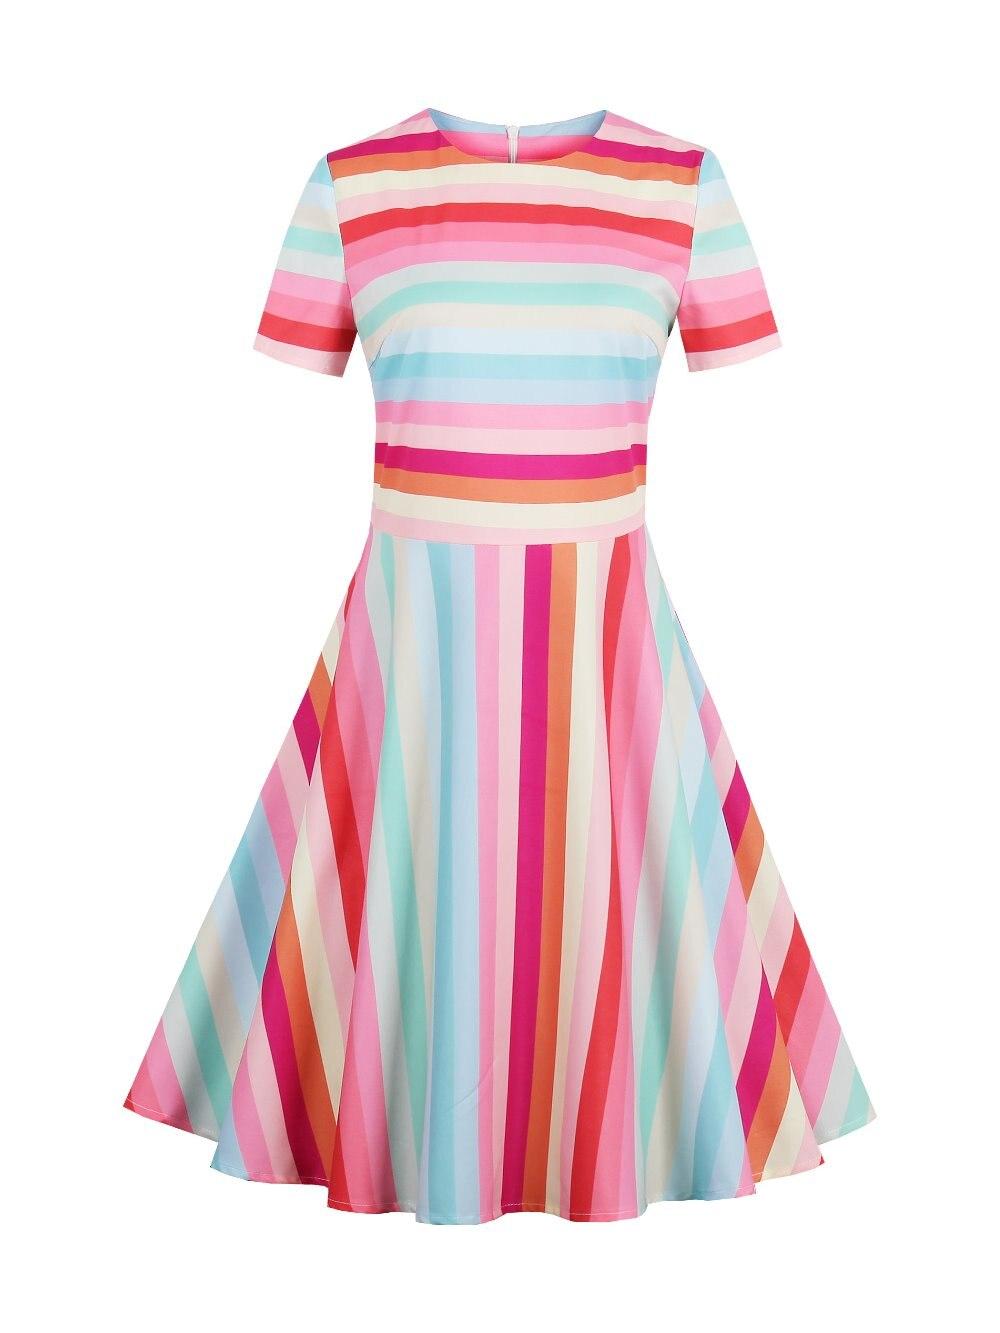 2017 Women Summer Rainbow Dress Female Spring Multi-Color Short Sleeve Dresses Knee-Length O Neck Dresses Girls Dress